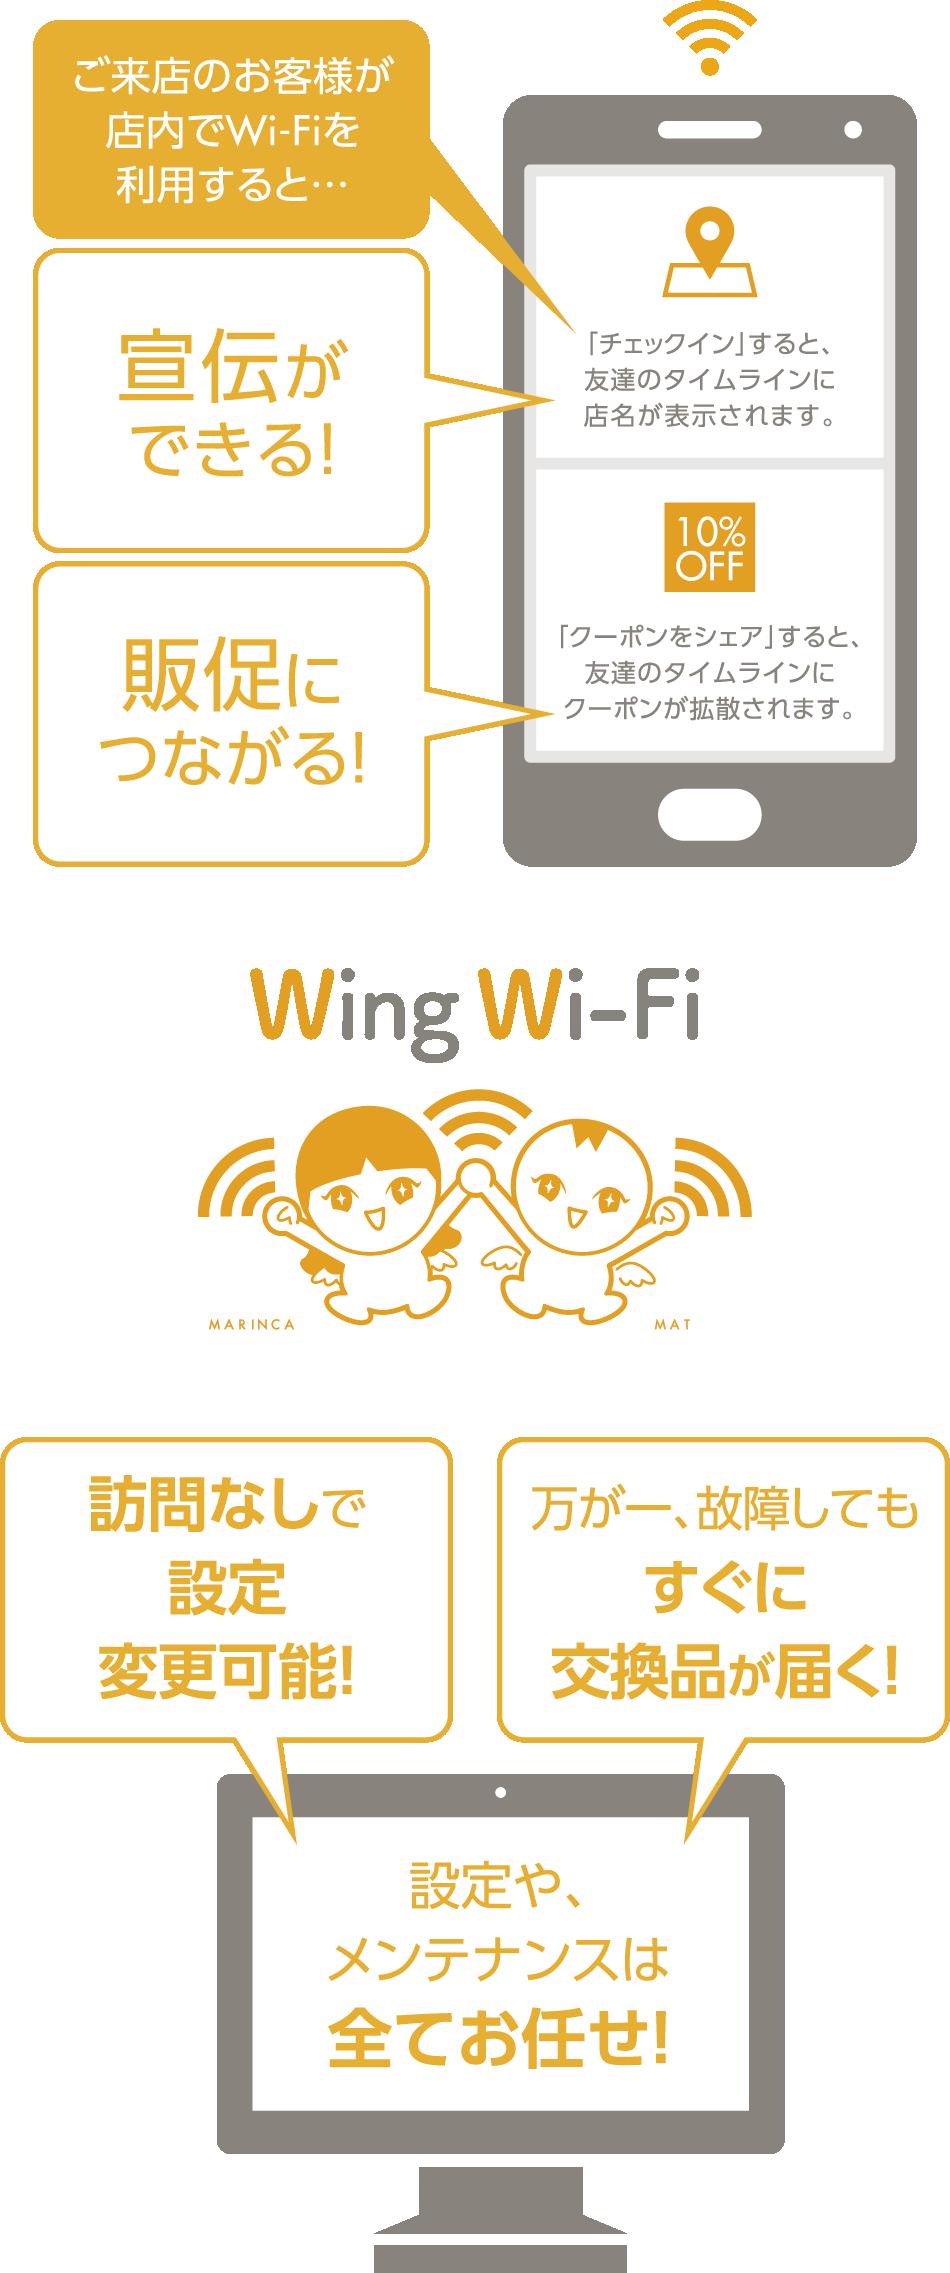 Wing Wi-fiについて